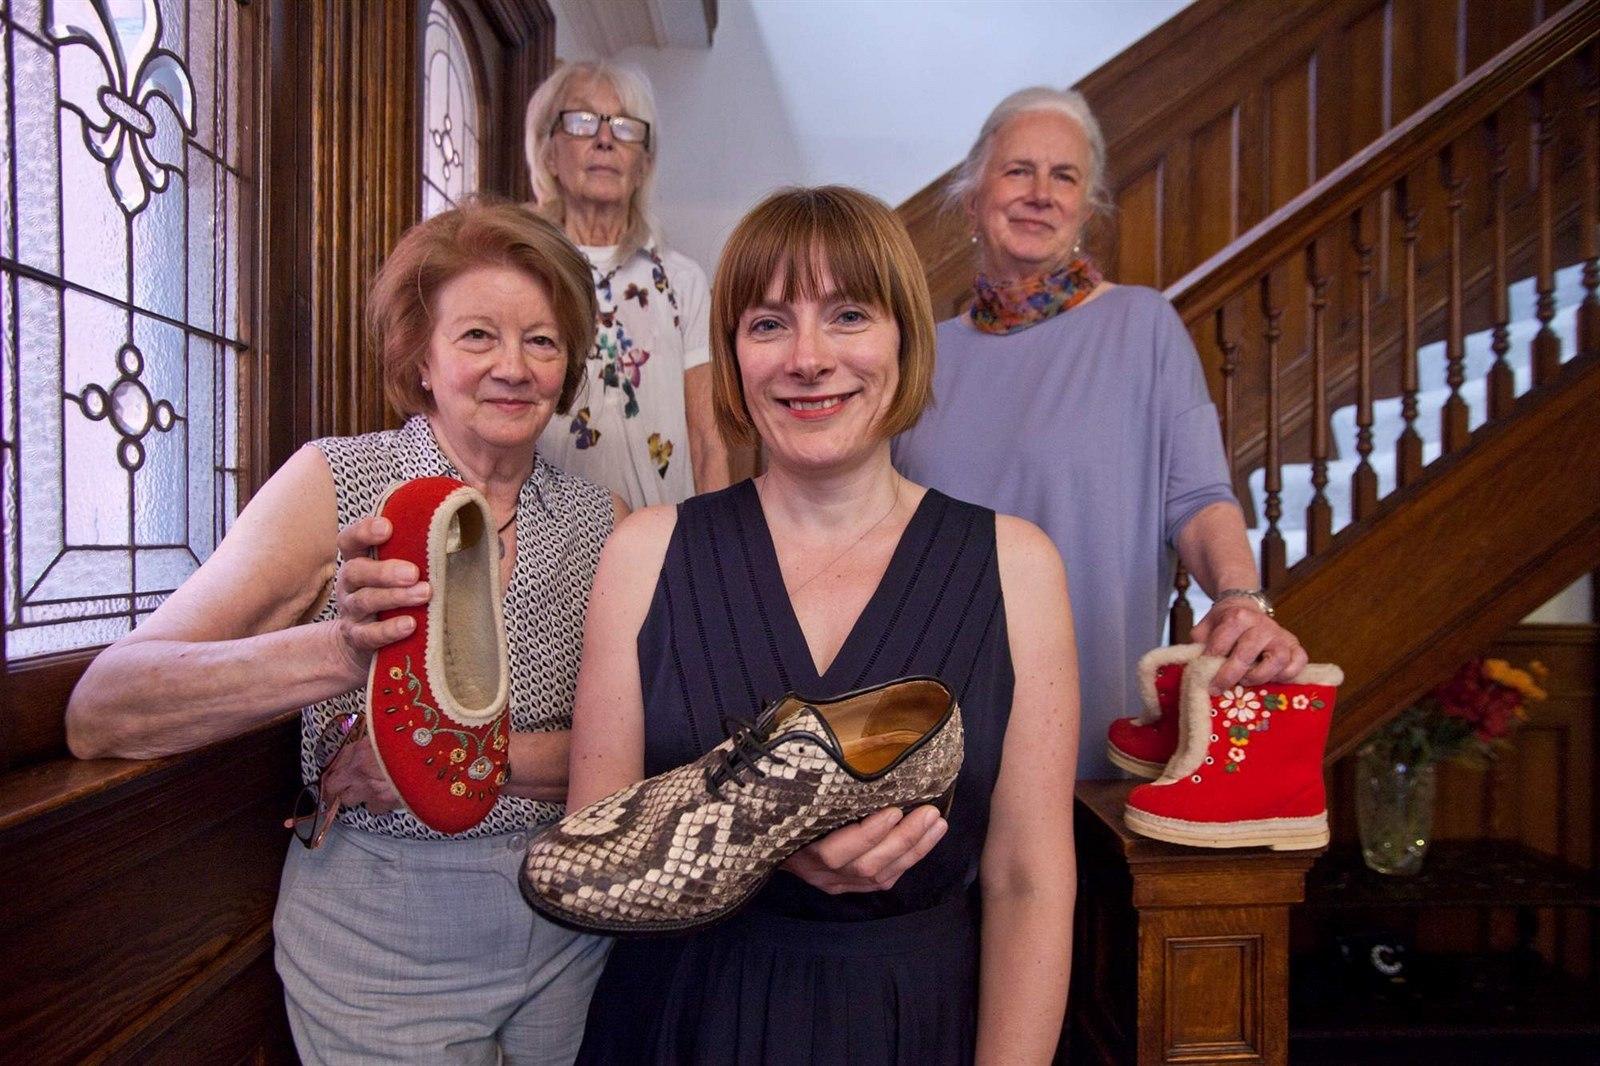 Famous shoemaker